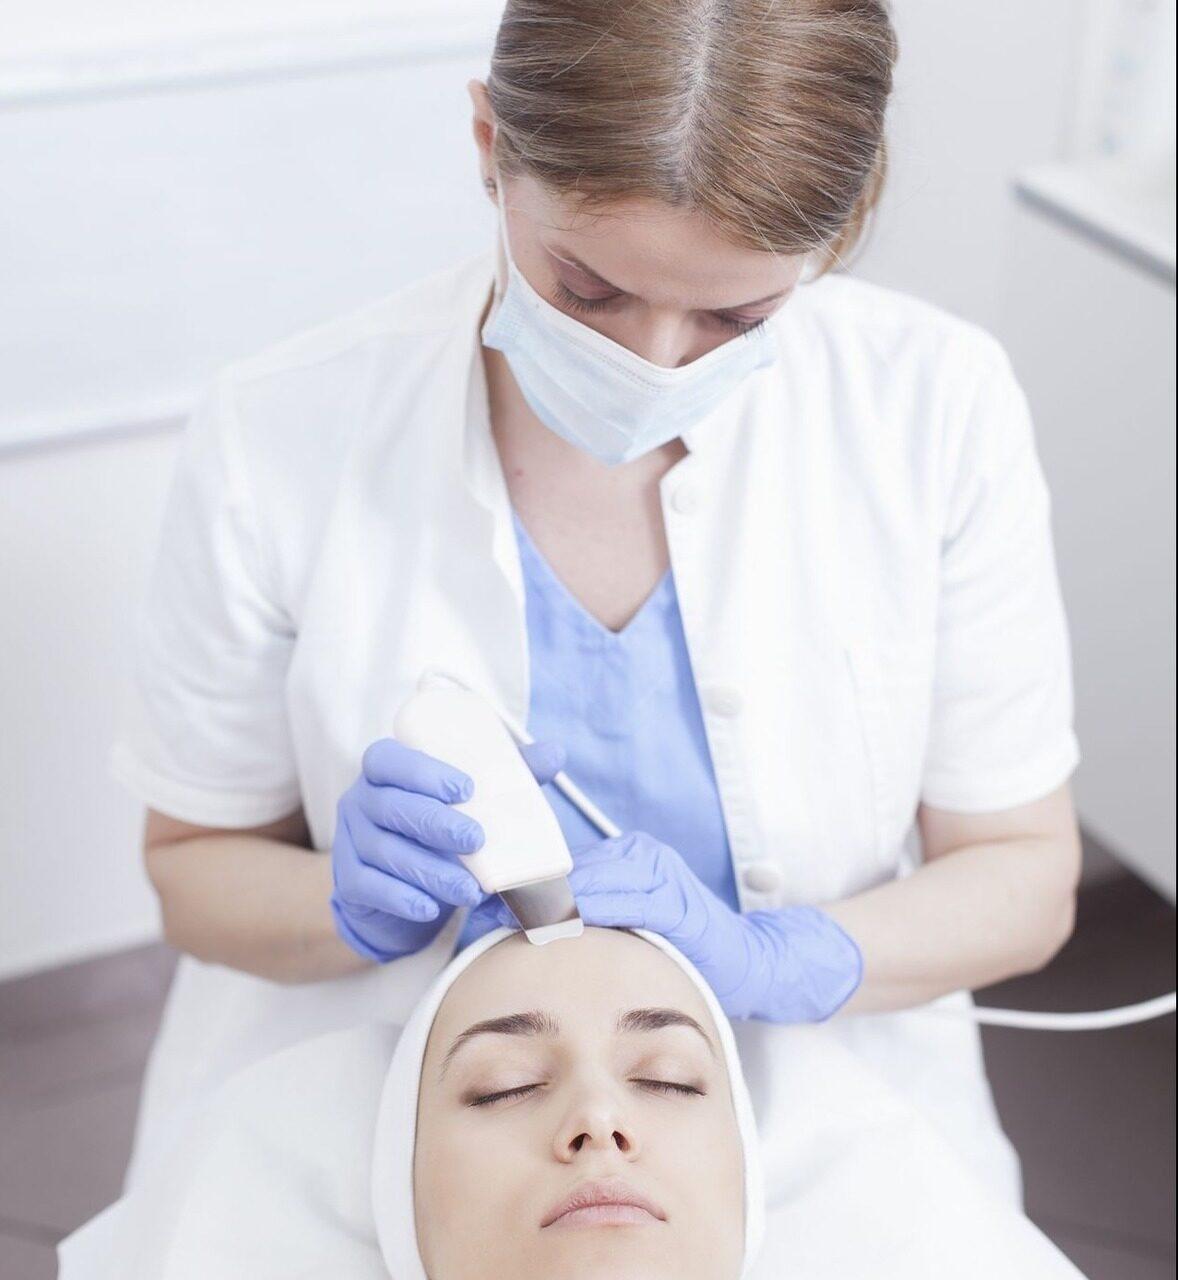 работа косметологом эстетистом в москве нужны паре милые